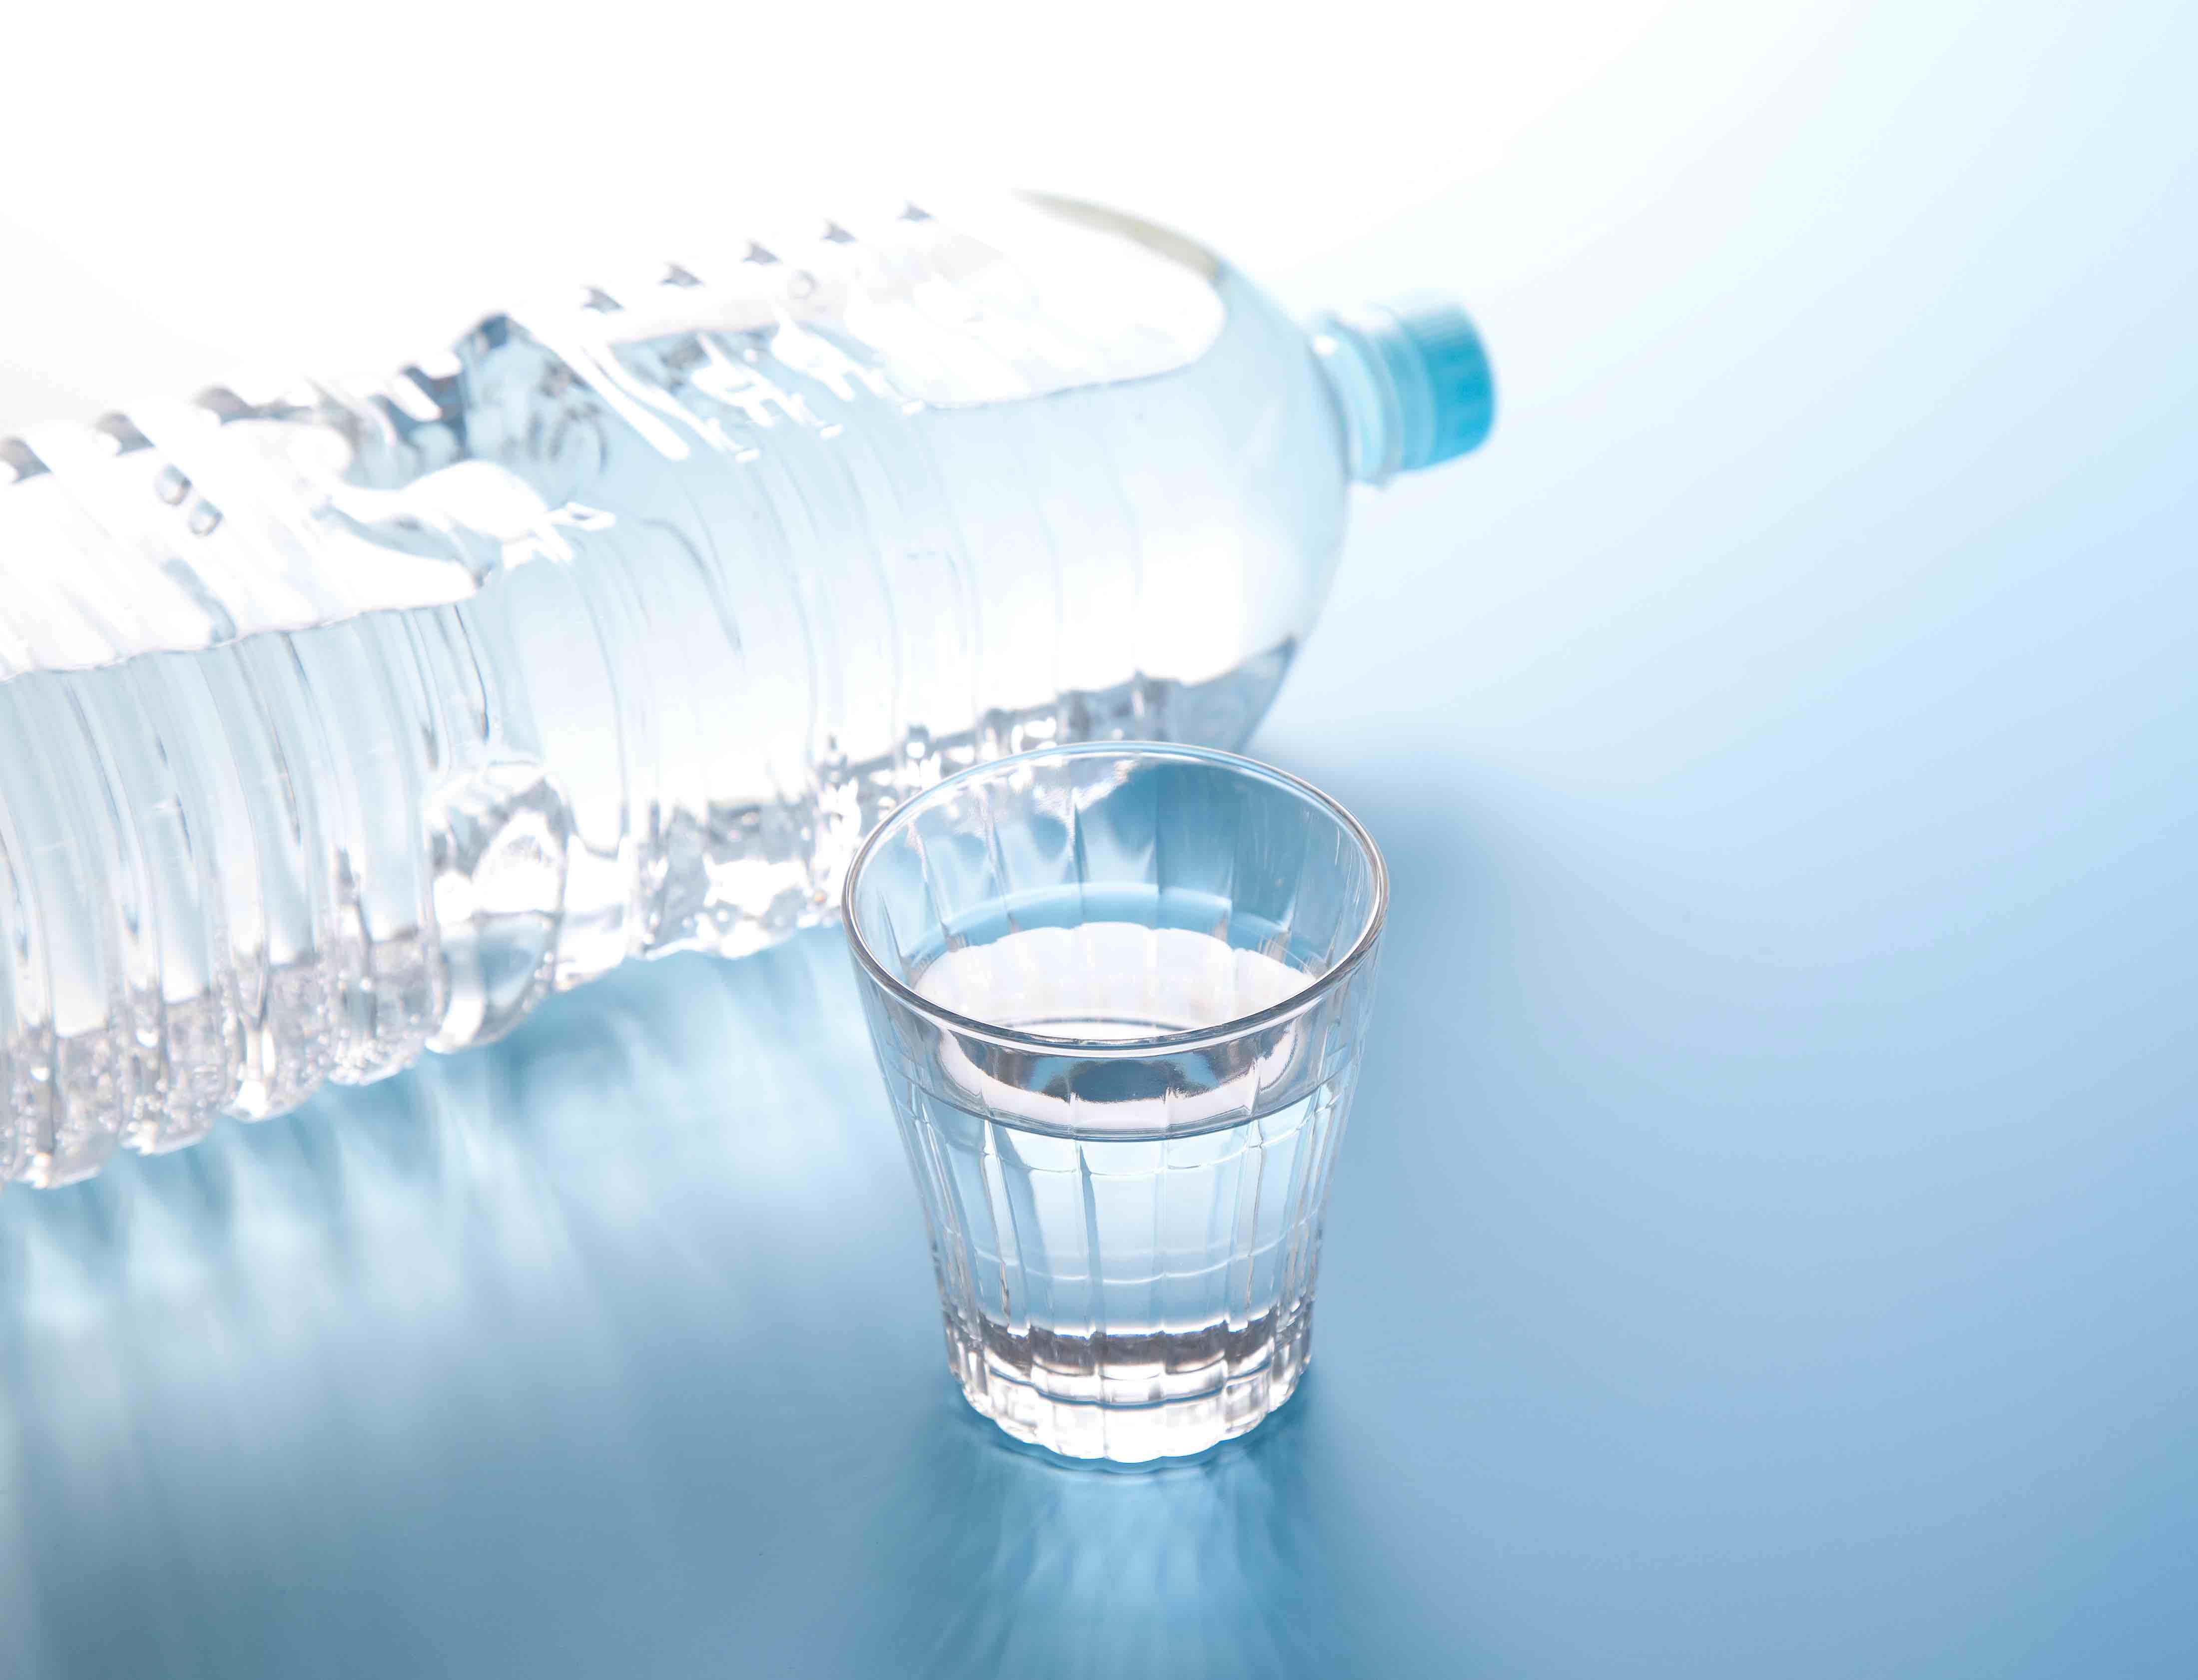 ရေဓာတ်ဖြည့်ခြင်း/水分補給